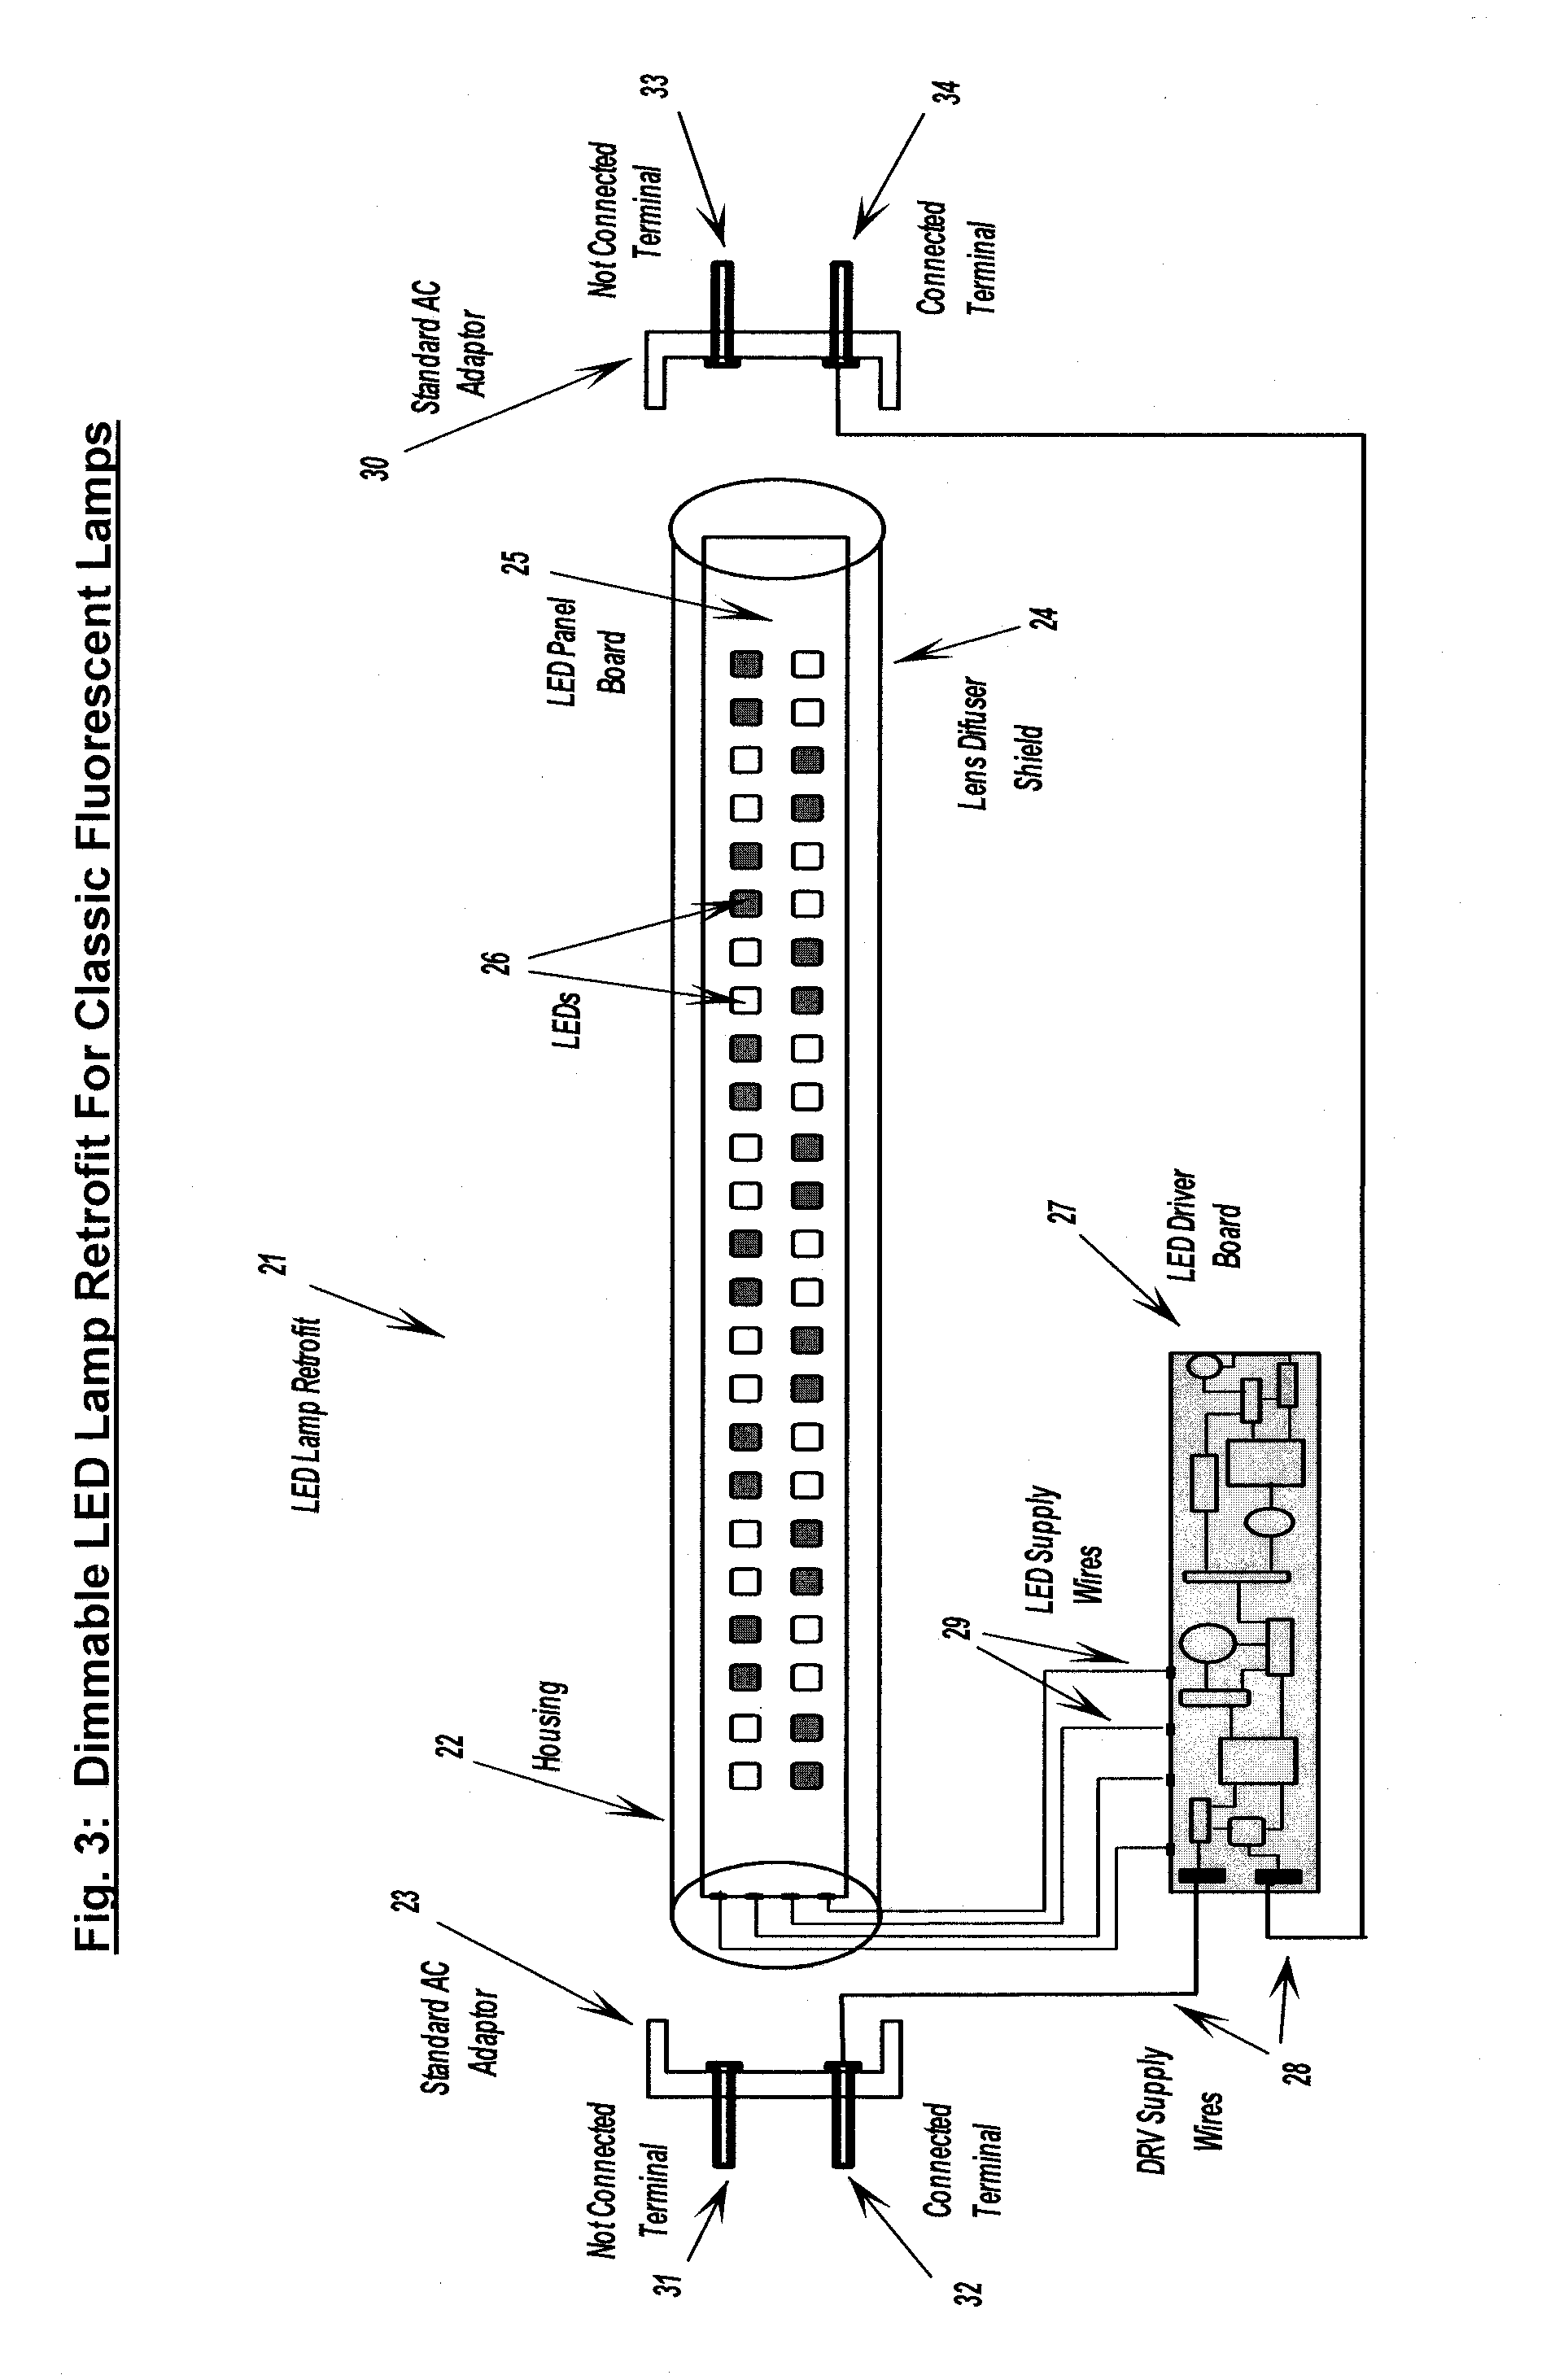 Di2 Wiring Diagram Quick Start Guide Of Ultegra Advance Ballast Furthermore Internal Rh 10 1 19 Travelmate Nz De Tt